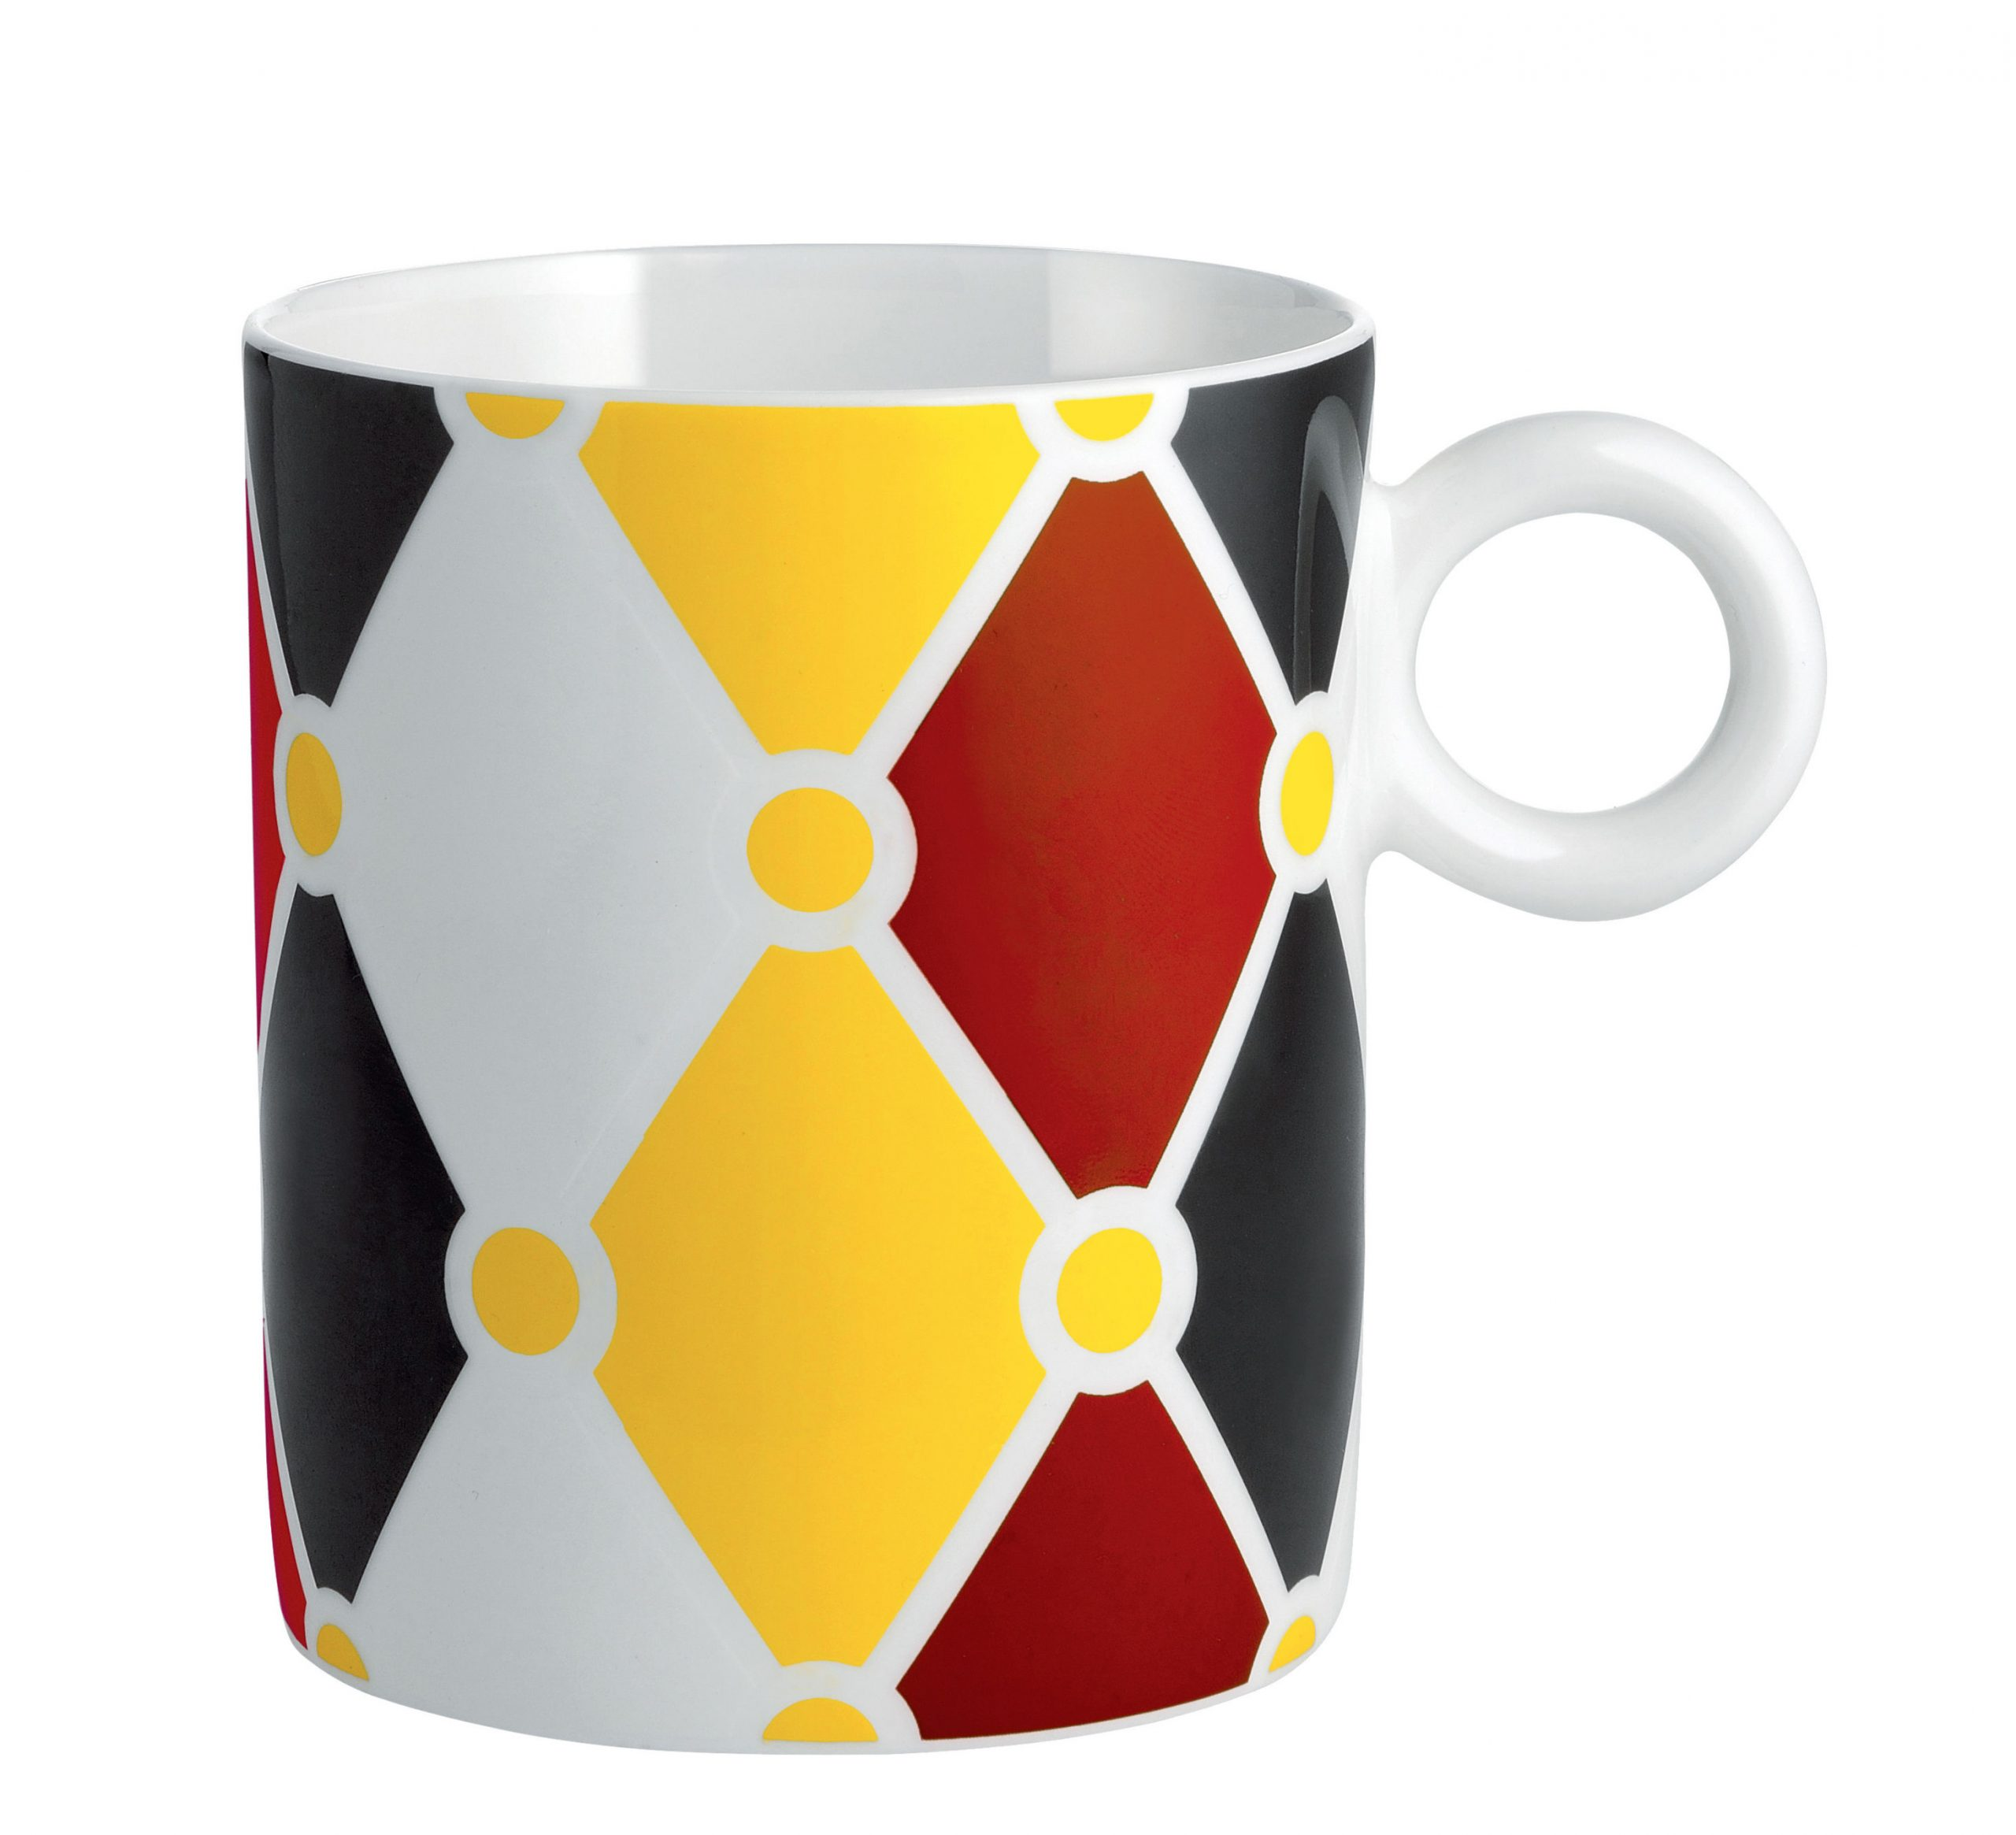 Κούπα Τσίρκο Λευκό   Κίτρινο   Κόκκινο   Μαύρο ALESSI Marcel Wanders 1